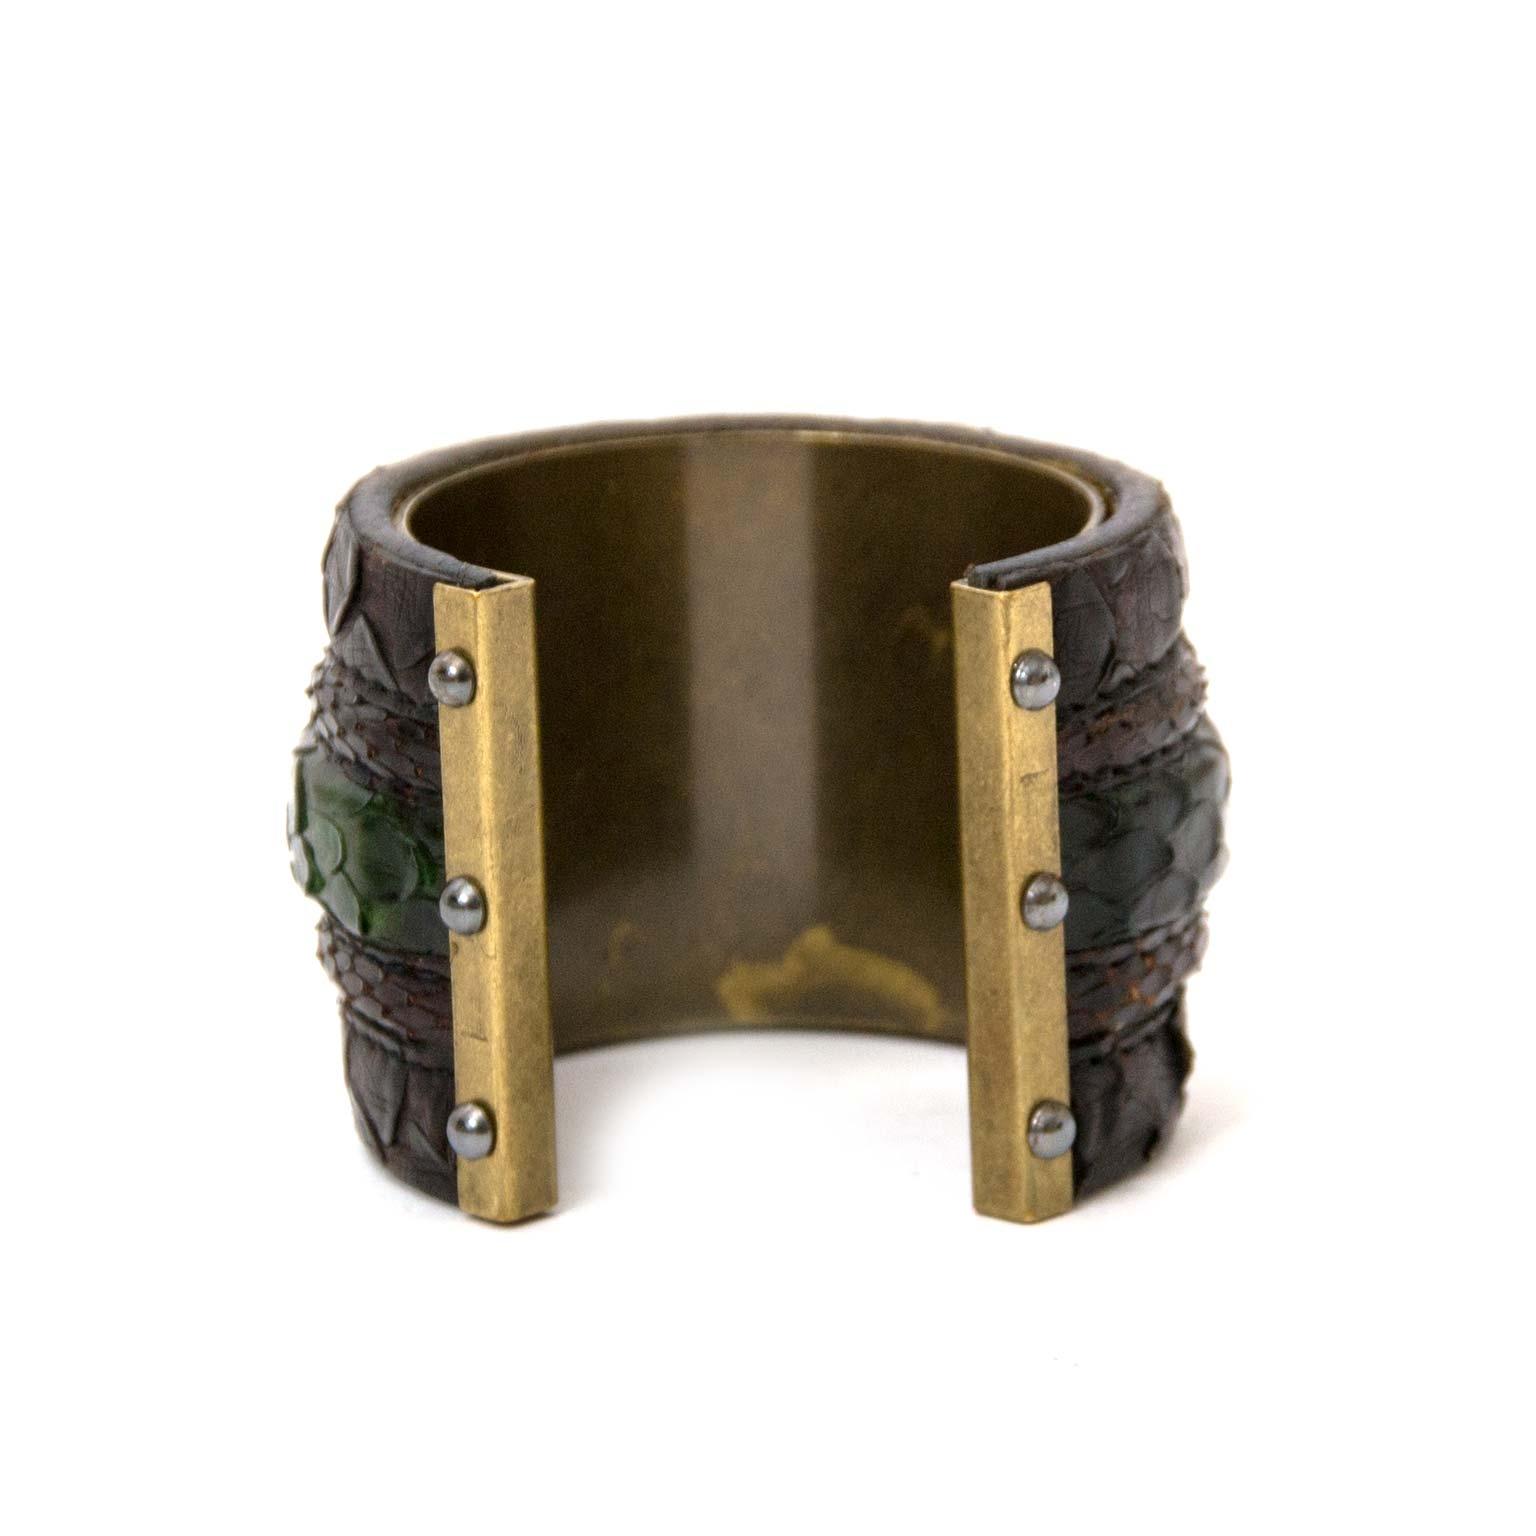 Buy authentic Lanvin bracelets at Labellov vintage fashion webshop Belgium